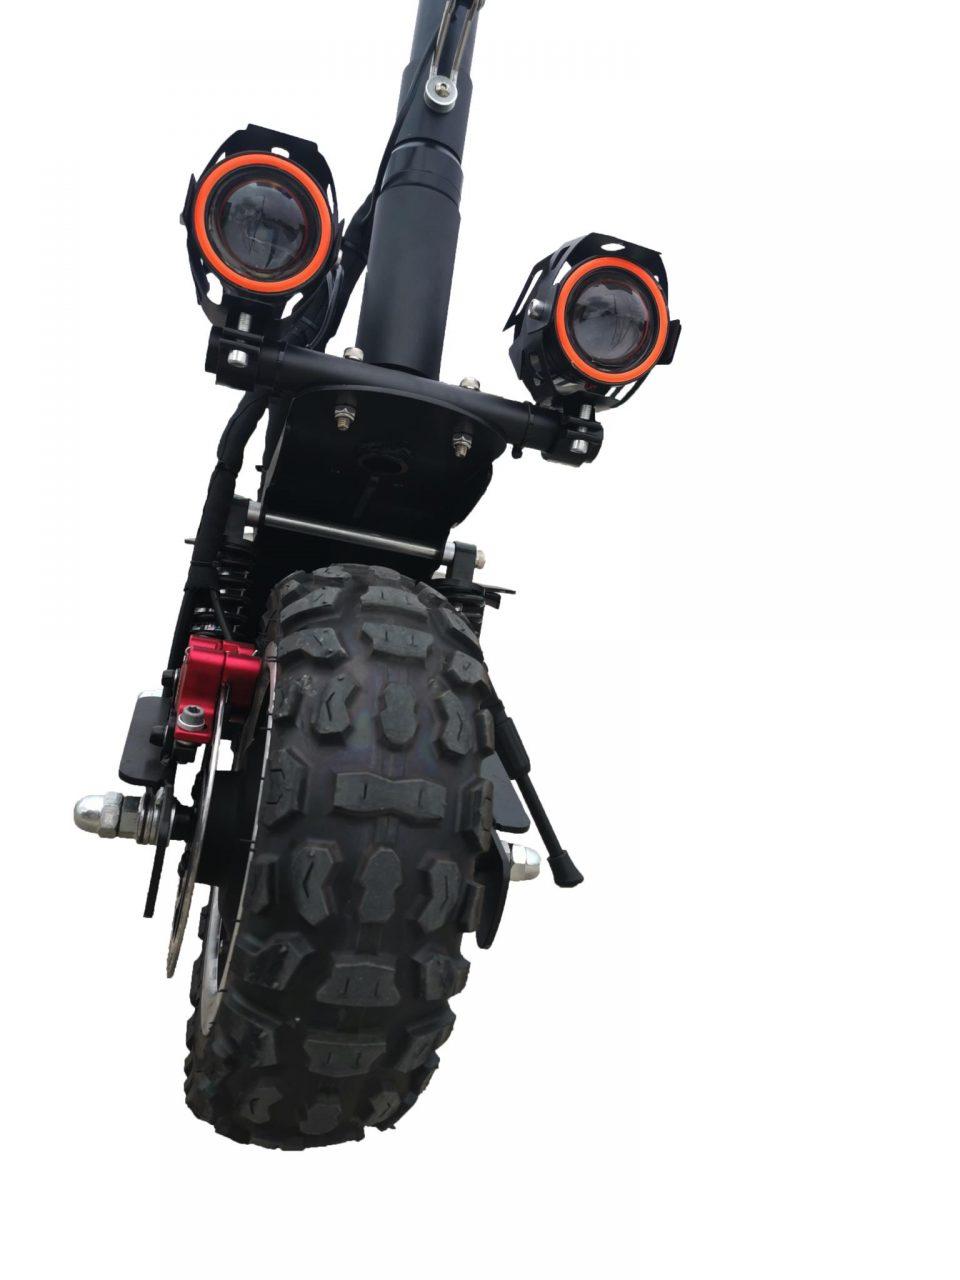 FORCA DUALKING 5600 GTR PRO ElektroScooter Elektroroller 4 960x1280 - DualKing-5600 GTR56